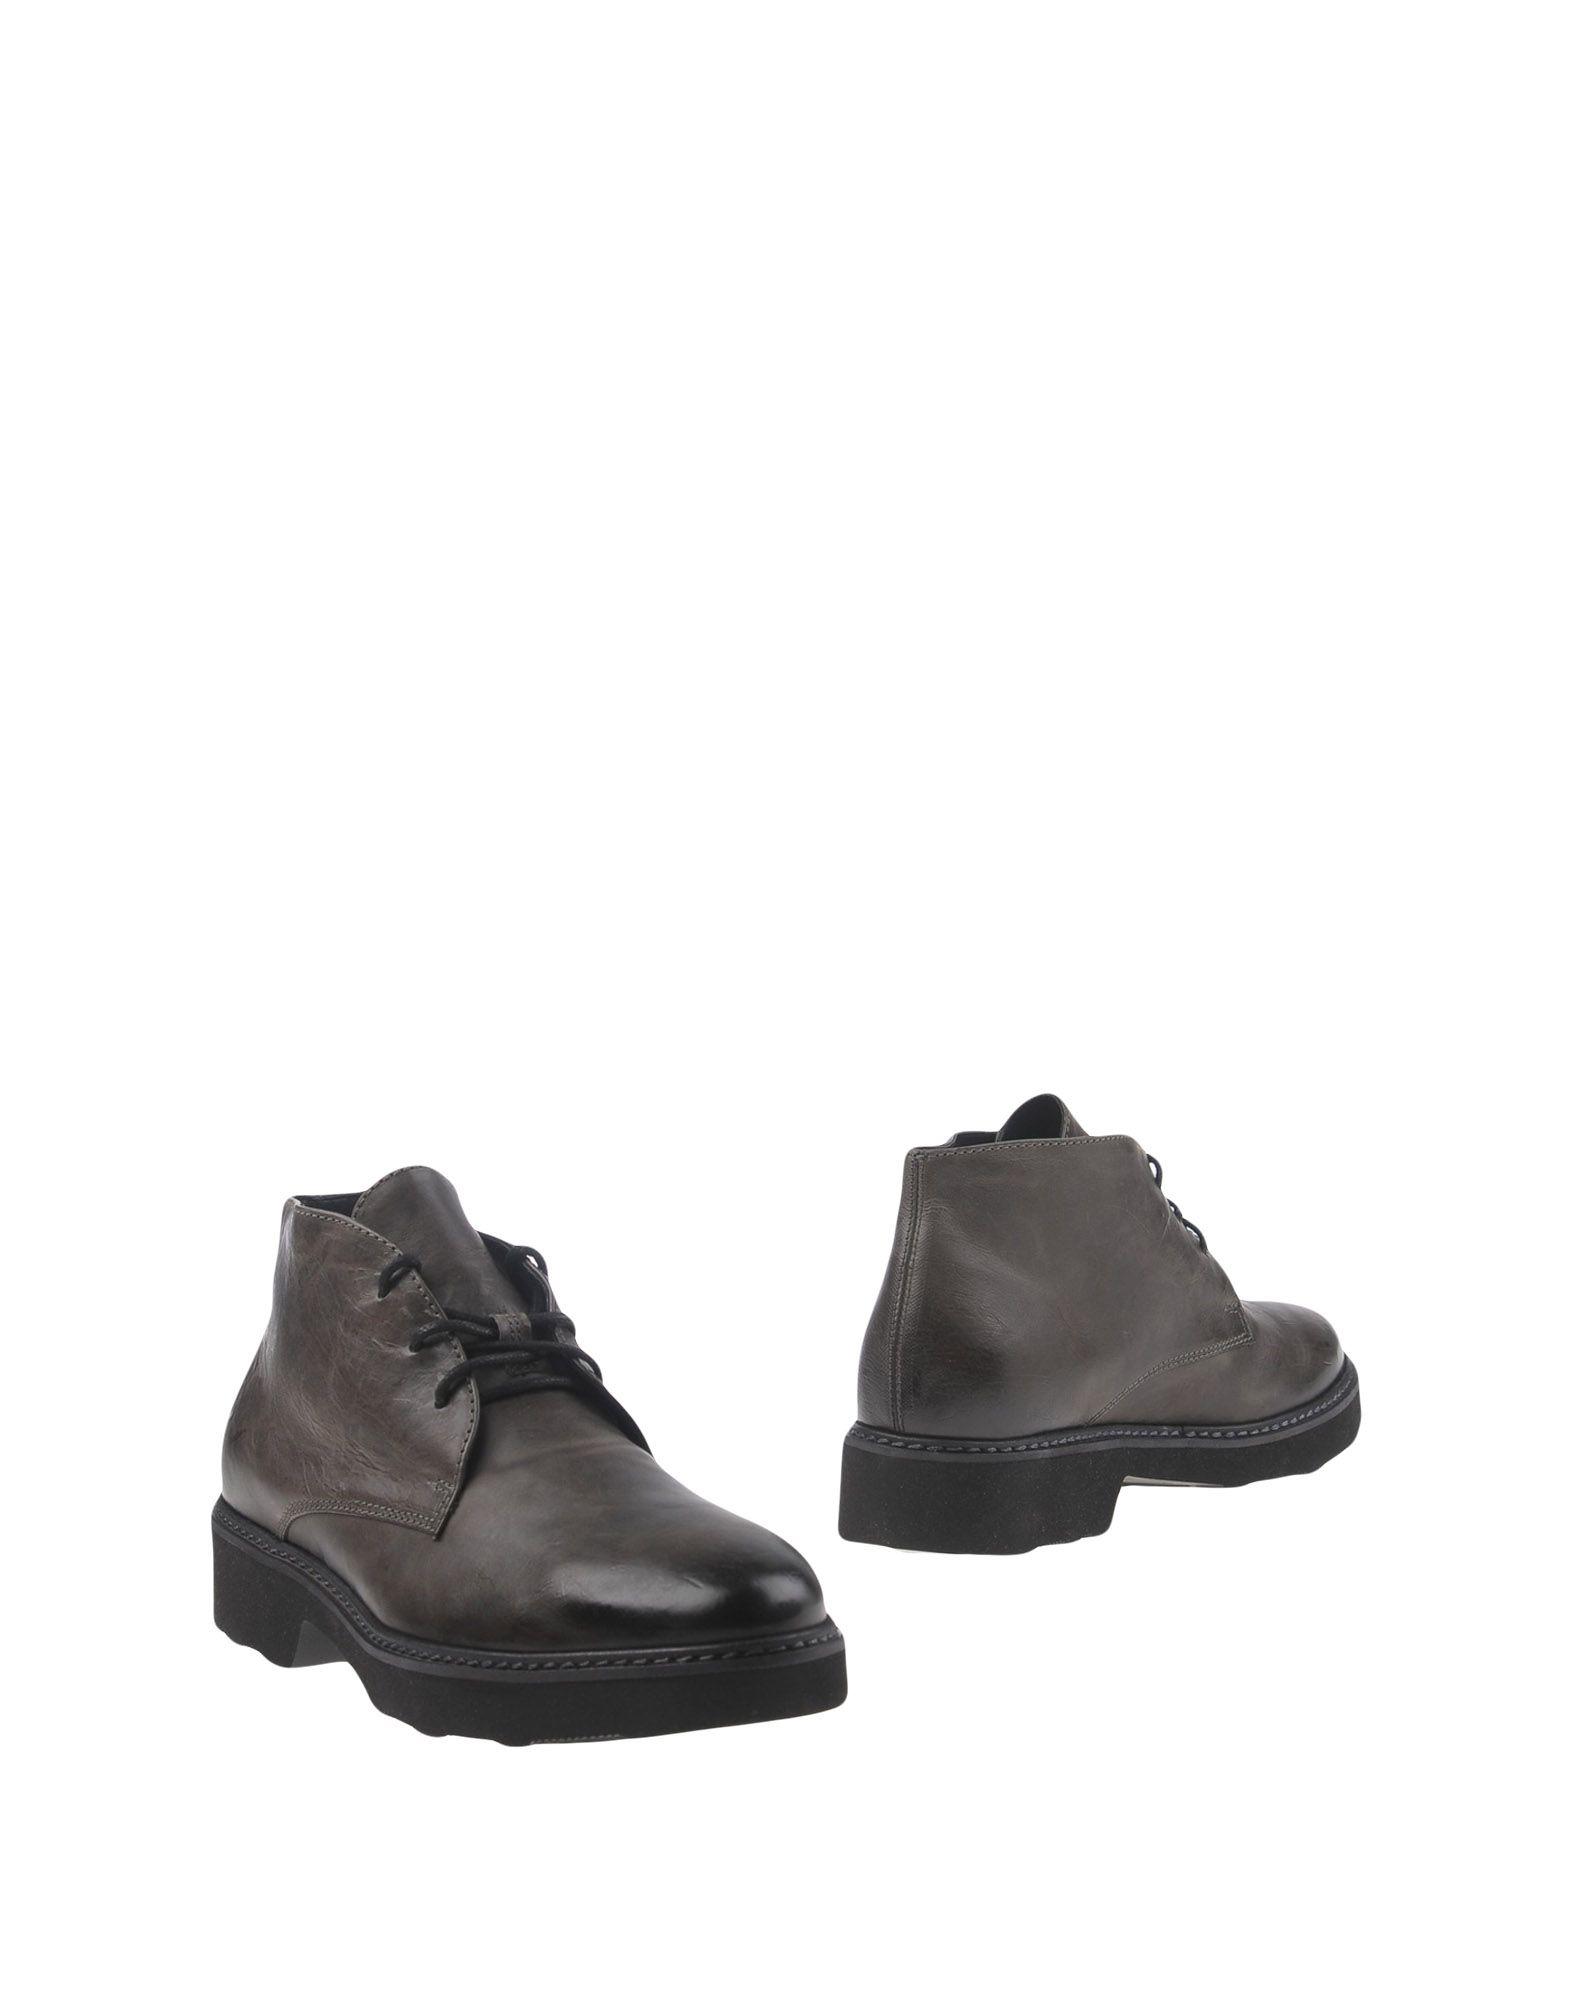 O.X.S. Stiefelette Herren  11278293FD Gute Qualität beliebte Schuhe